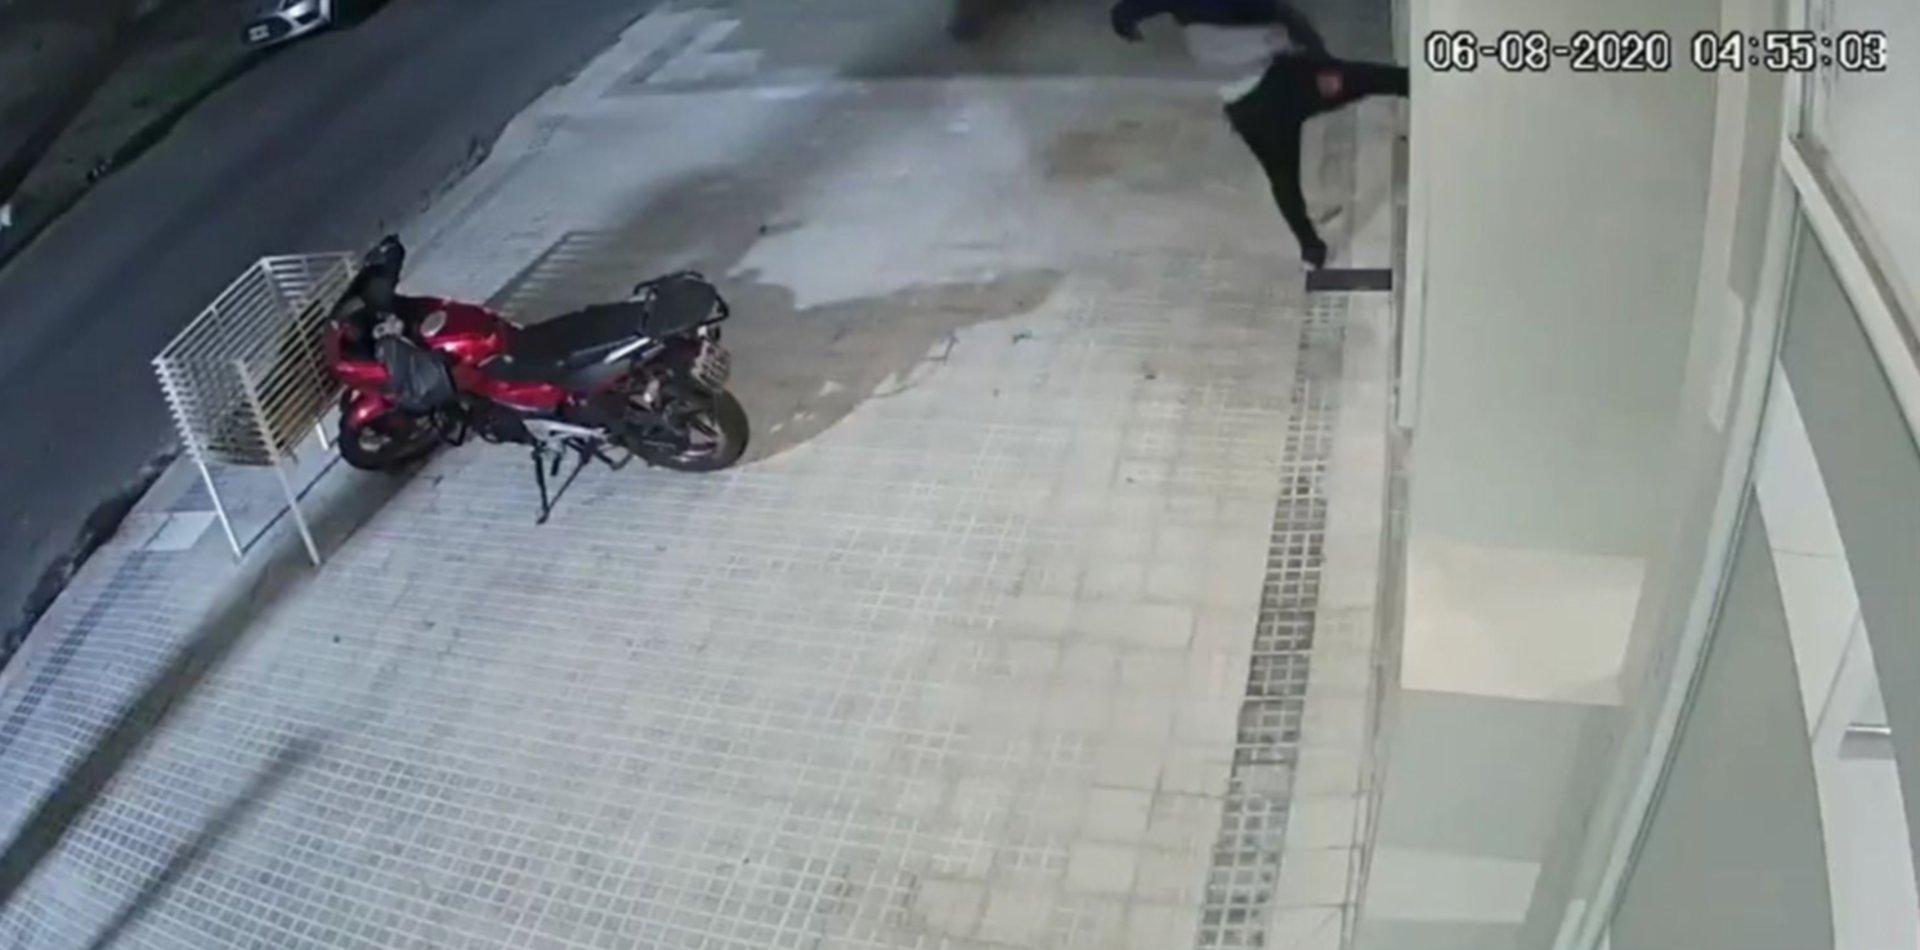 VIDEO: Con piedrazos y patadas voladoras, se metió a robar en un edificio de La Plata